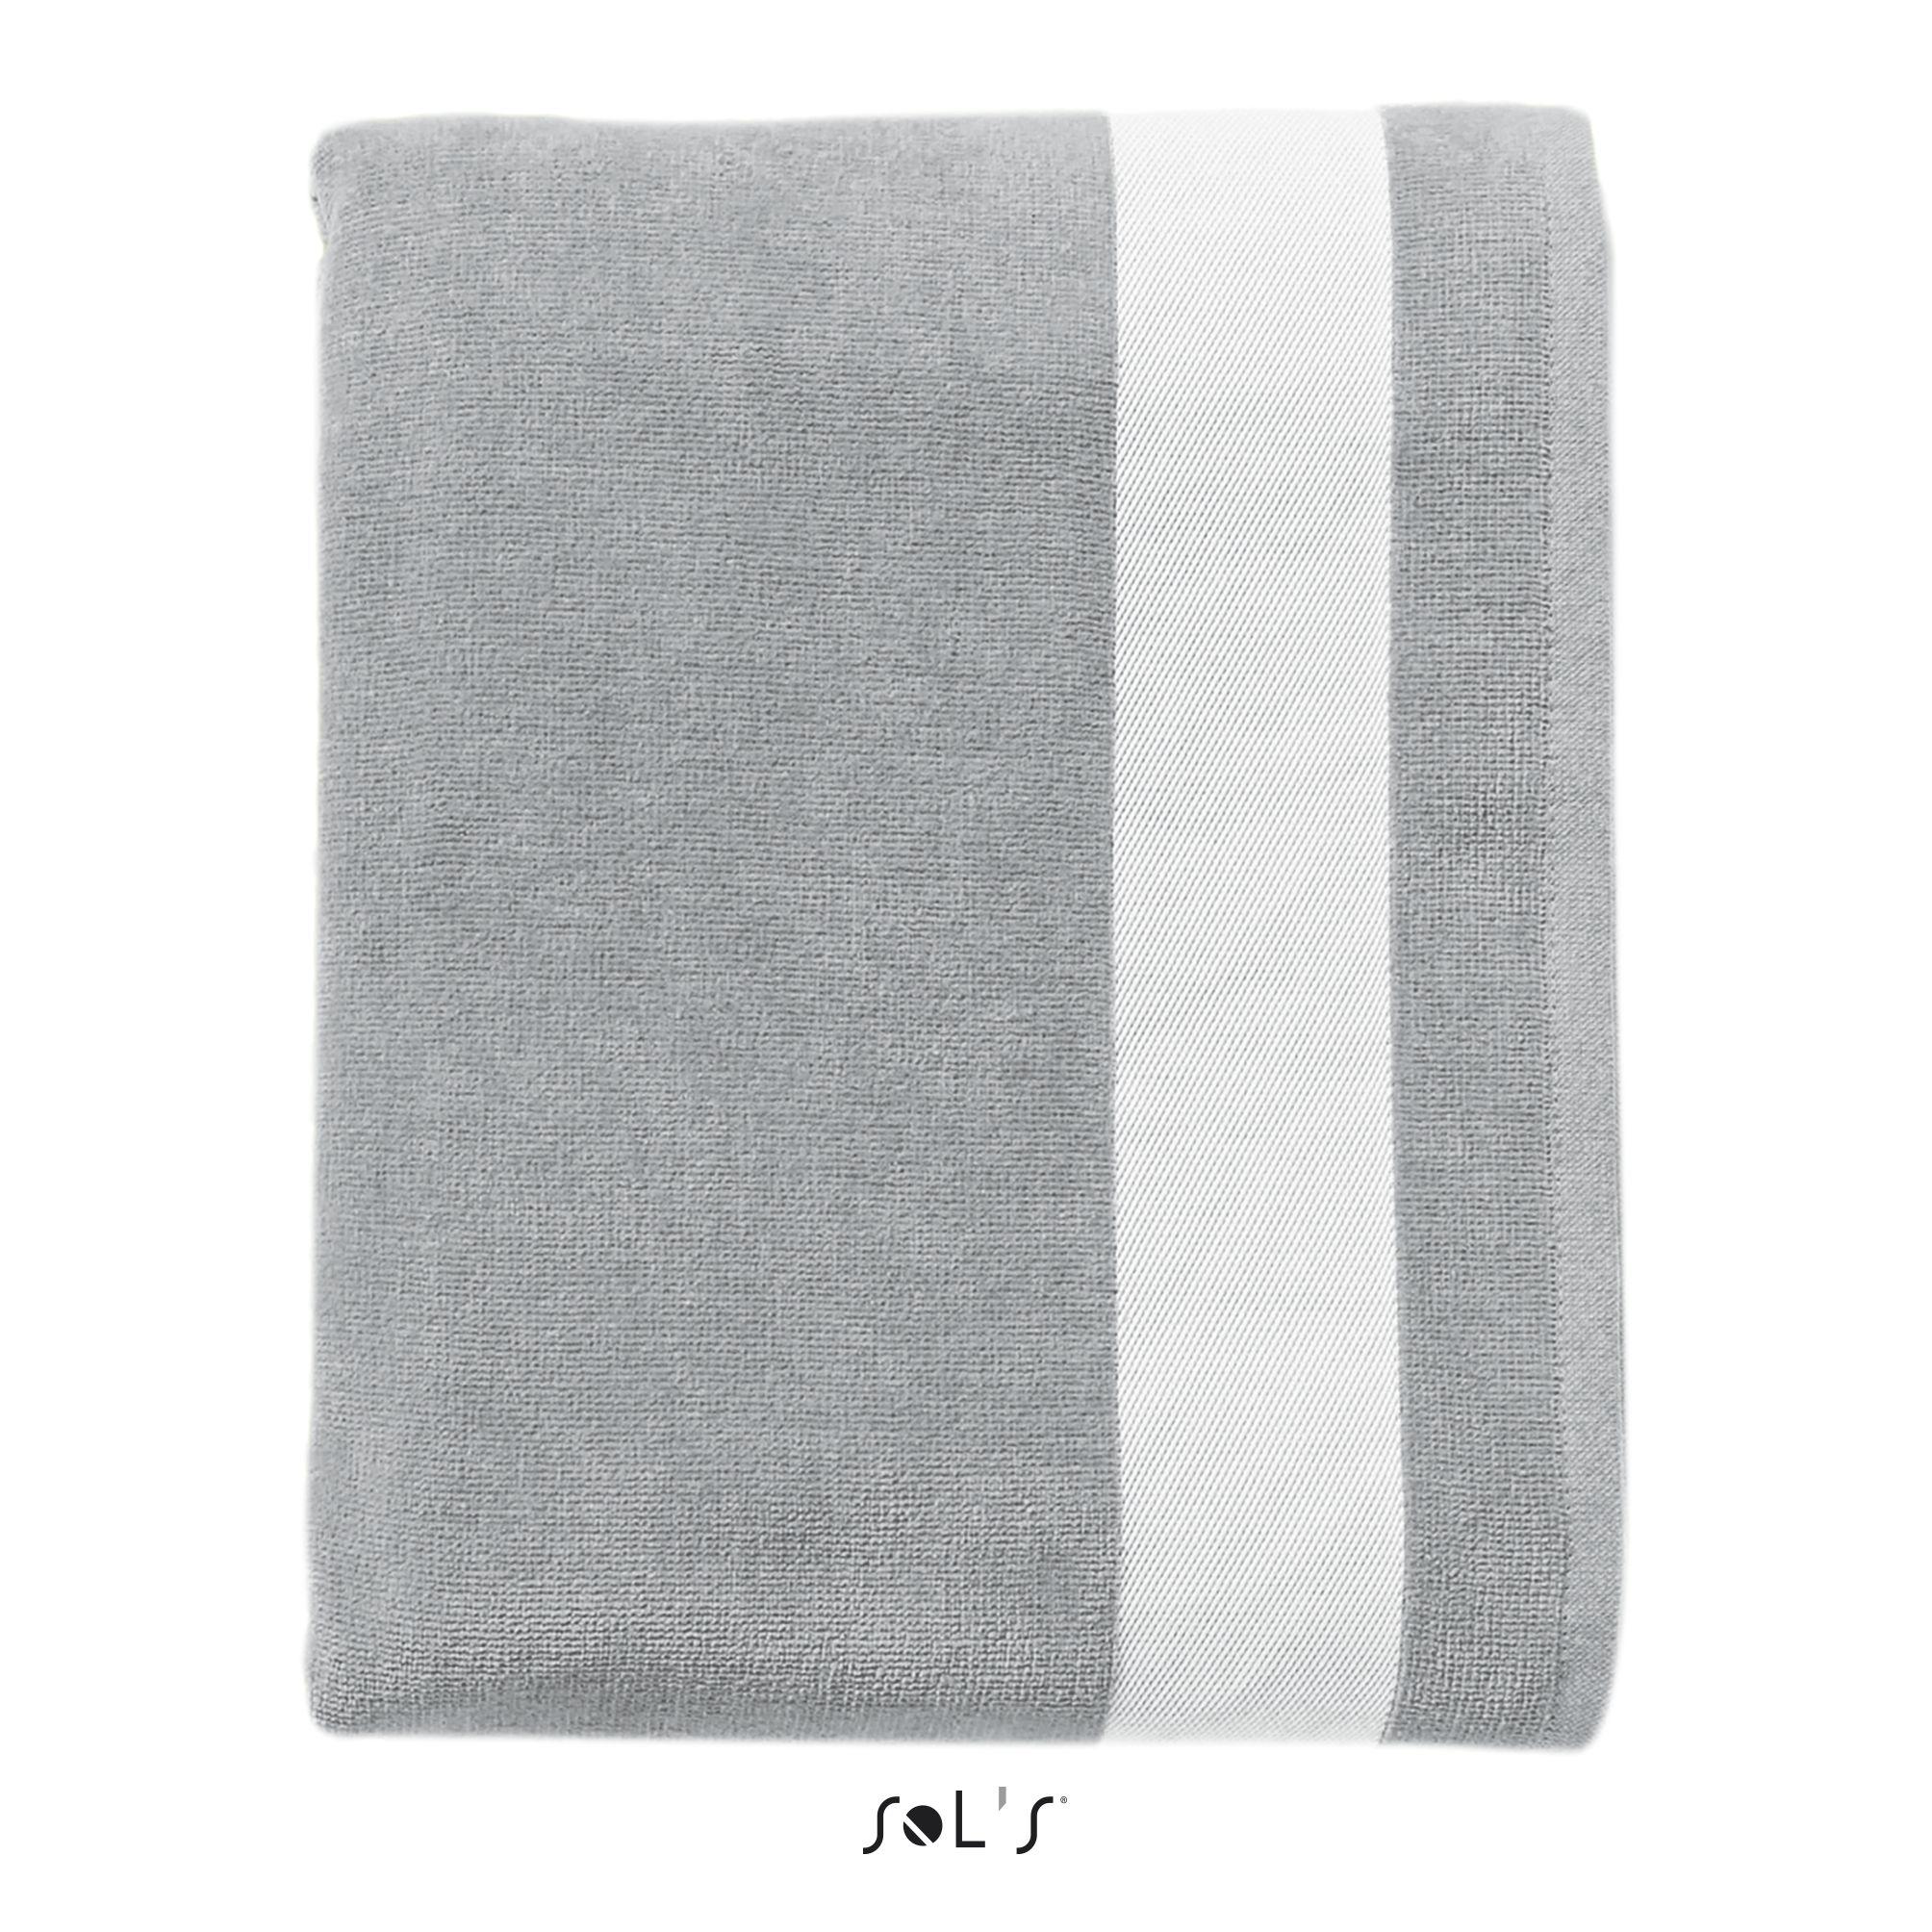 342 - Pure grey